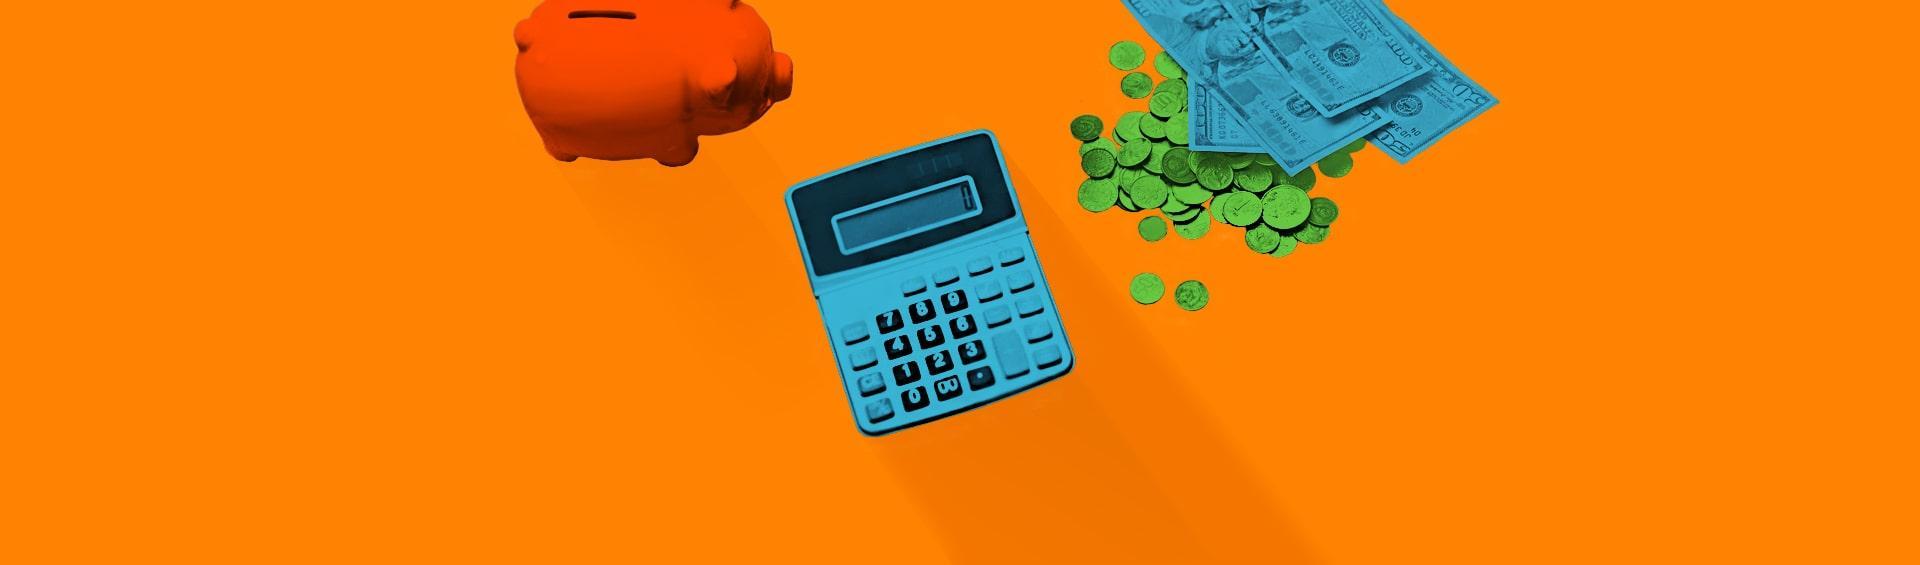 Стоимость привлечения клиента (САС) иеё расчет напримере реального бизнеса